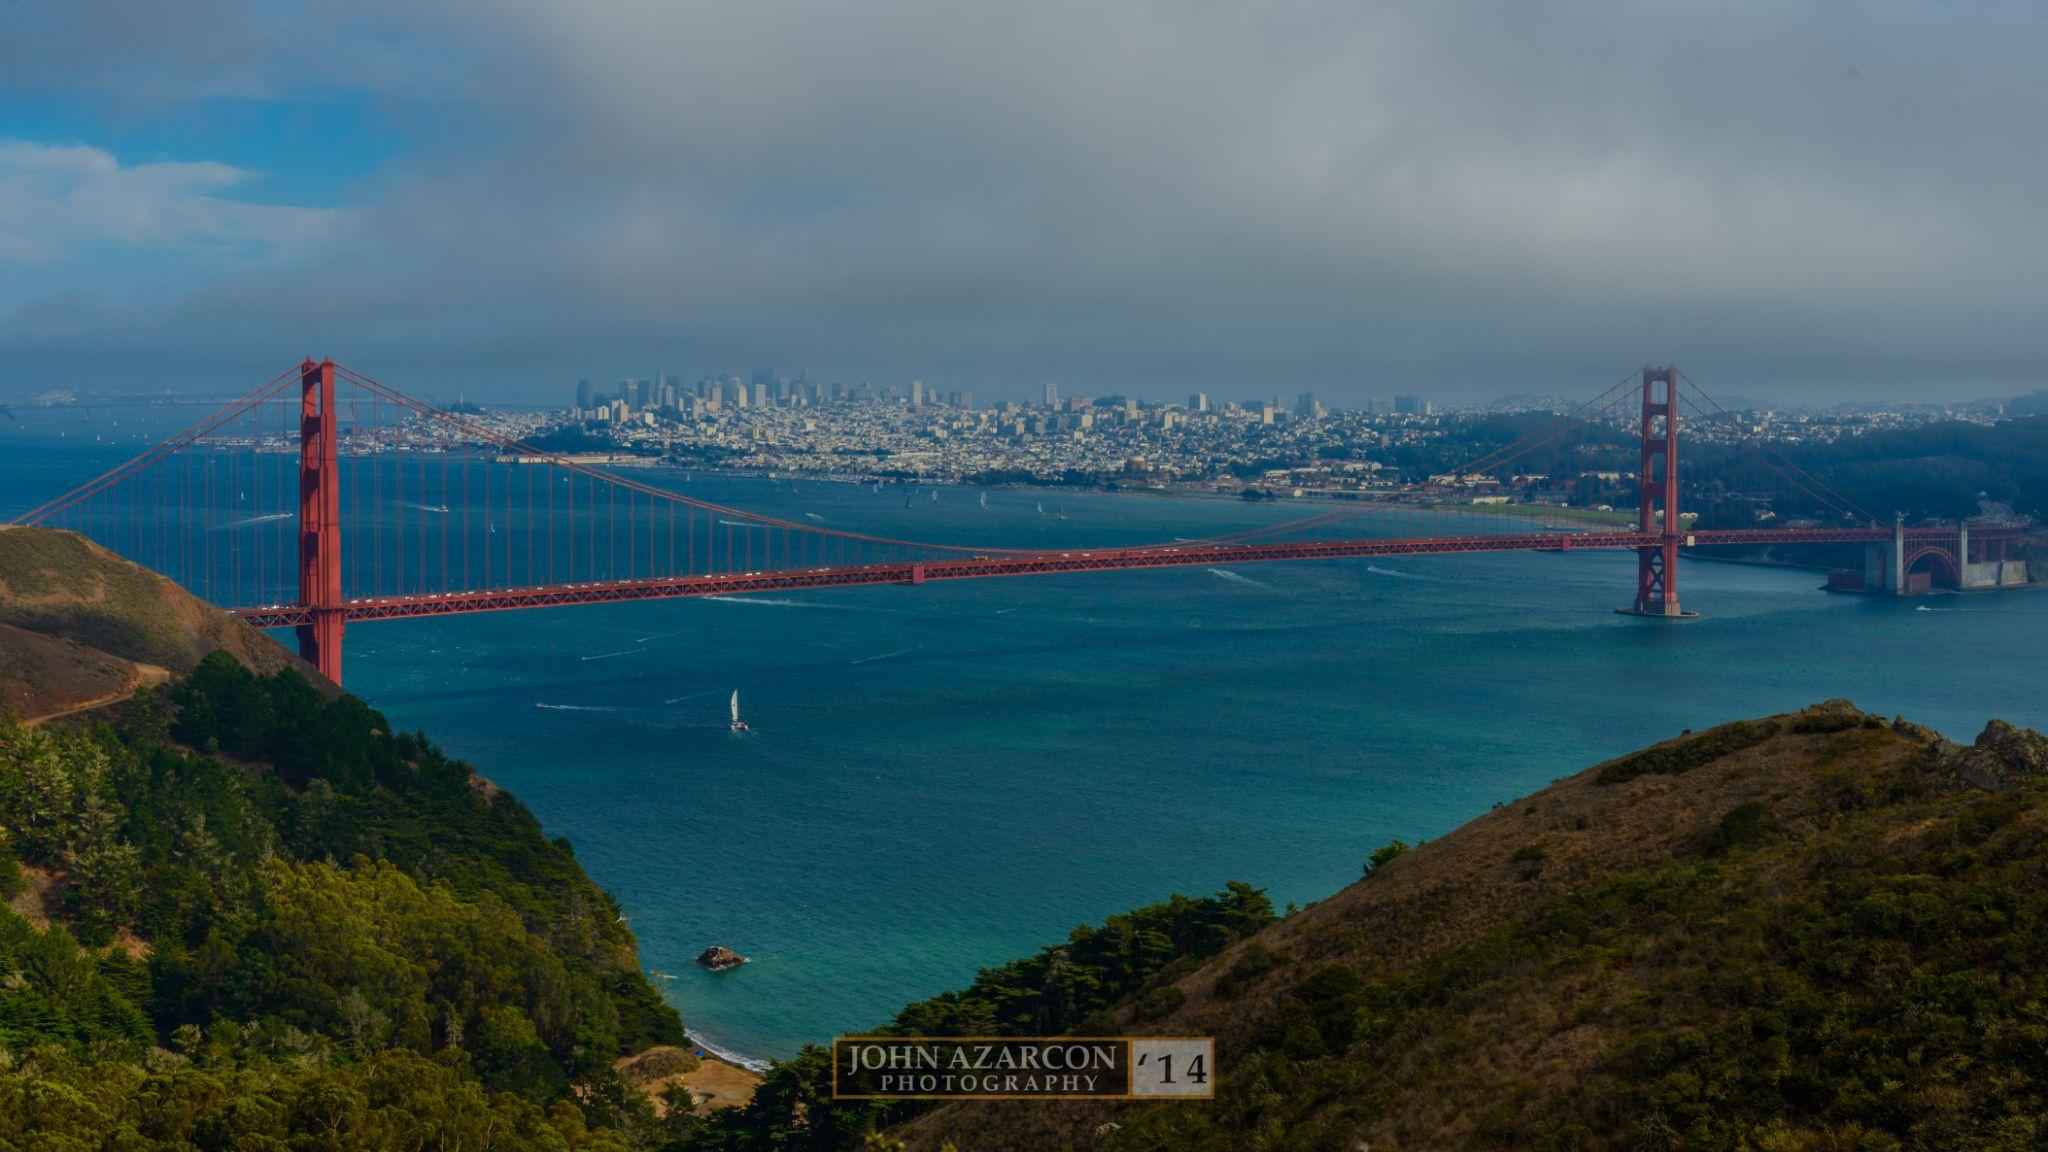 Golden Gate Bridge by jrazarcon